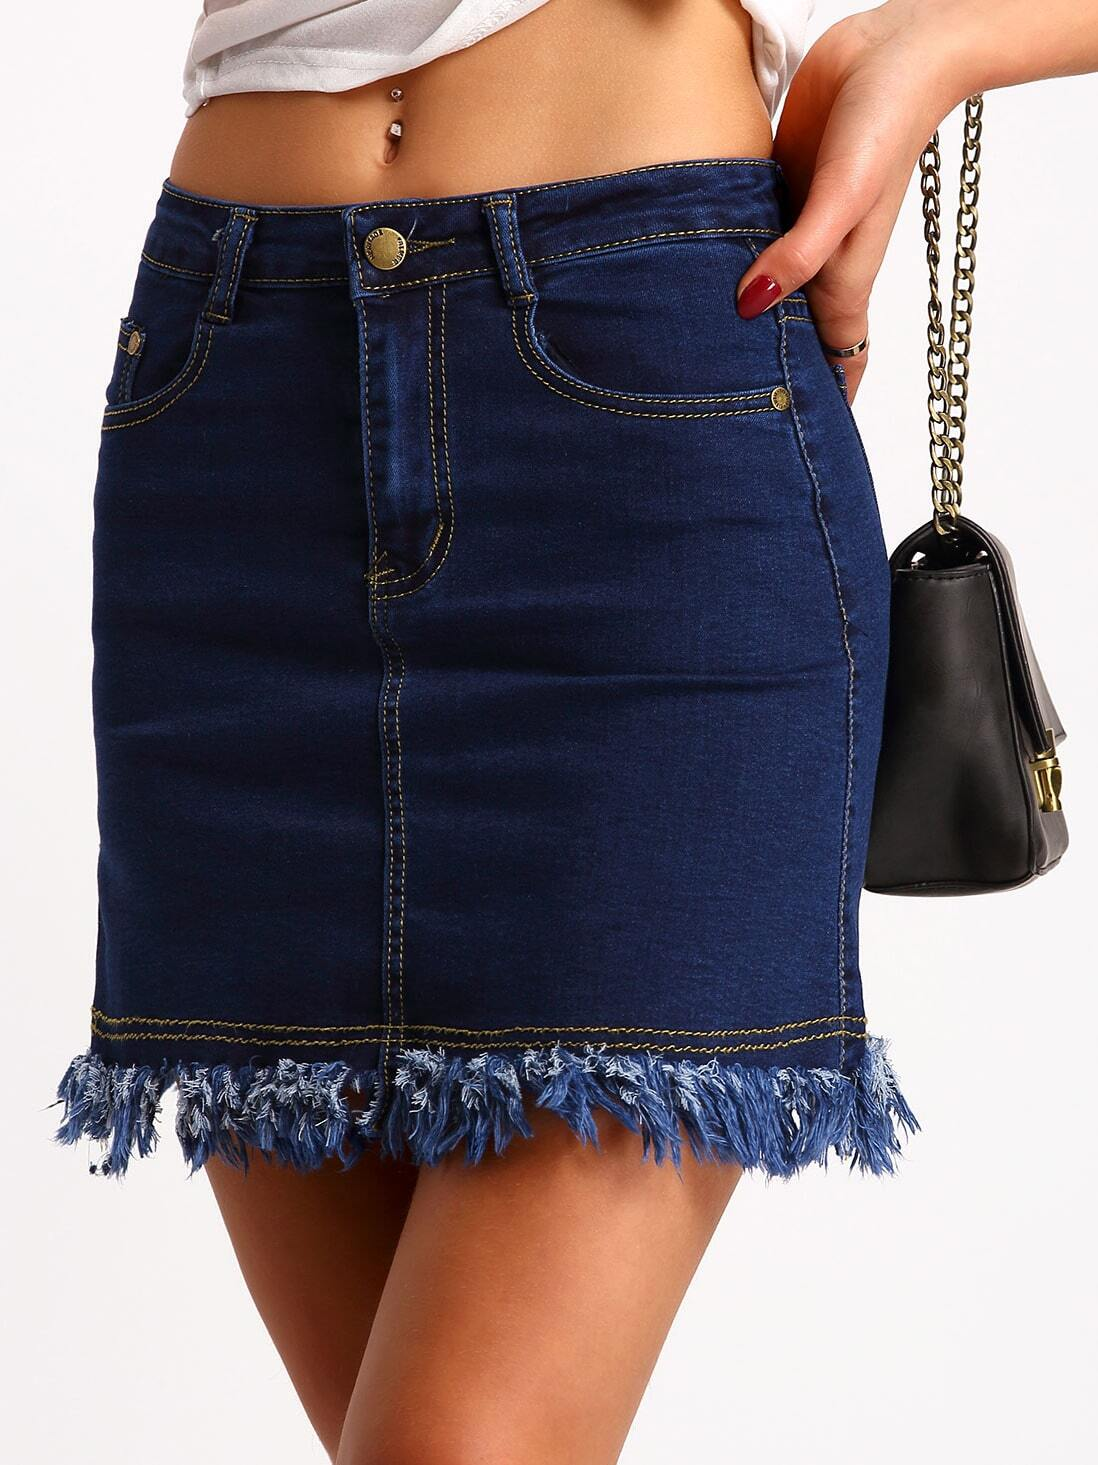 Модели джинсовых юбок фото